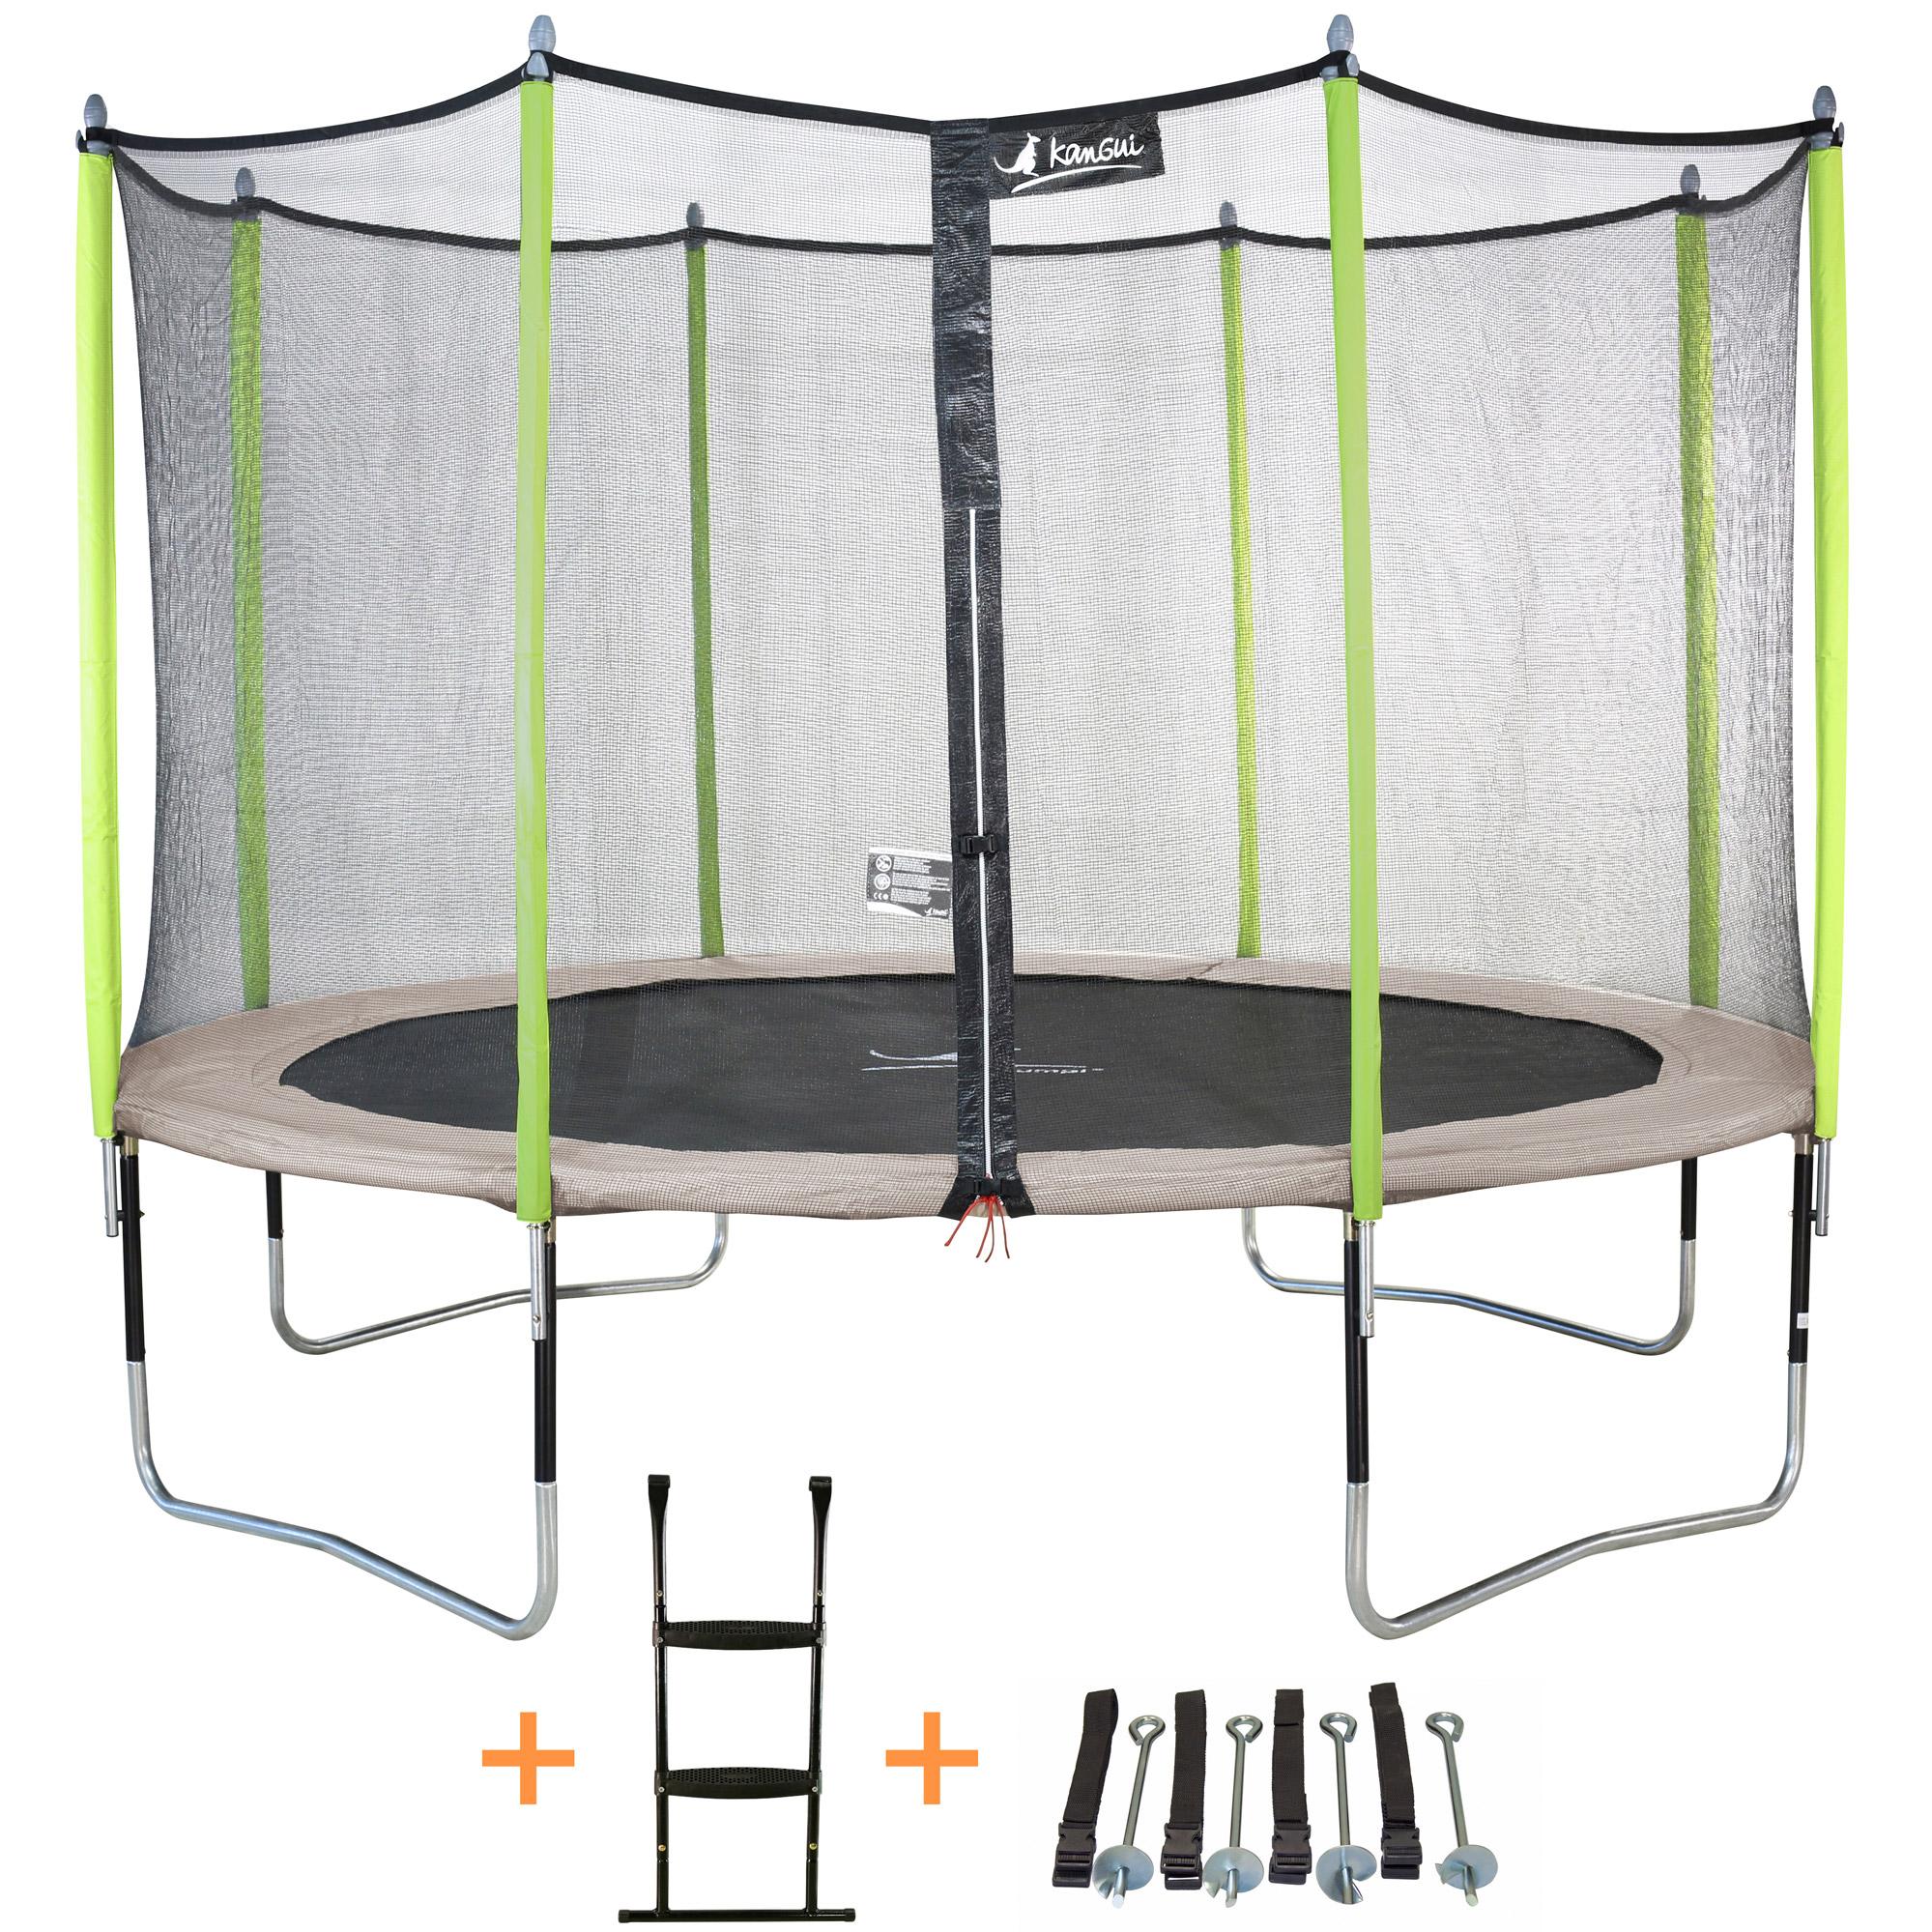 kangui trampoline jumpi zen 305 360 430 cm filet chelle kit d 39 a ebay. Black Bedroom Furniture Sets. Home Design Ideas